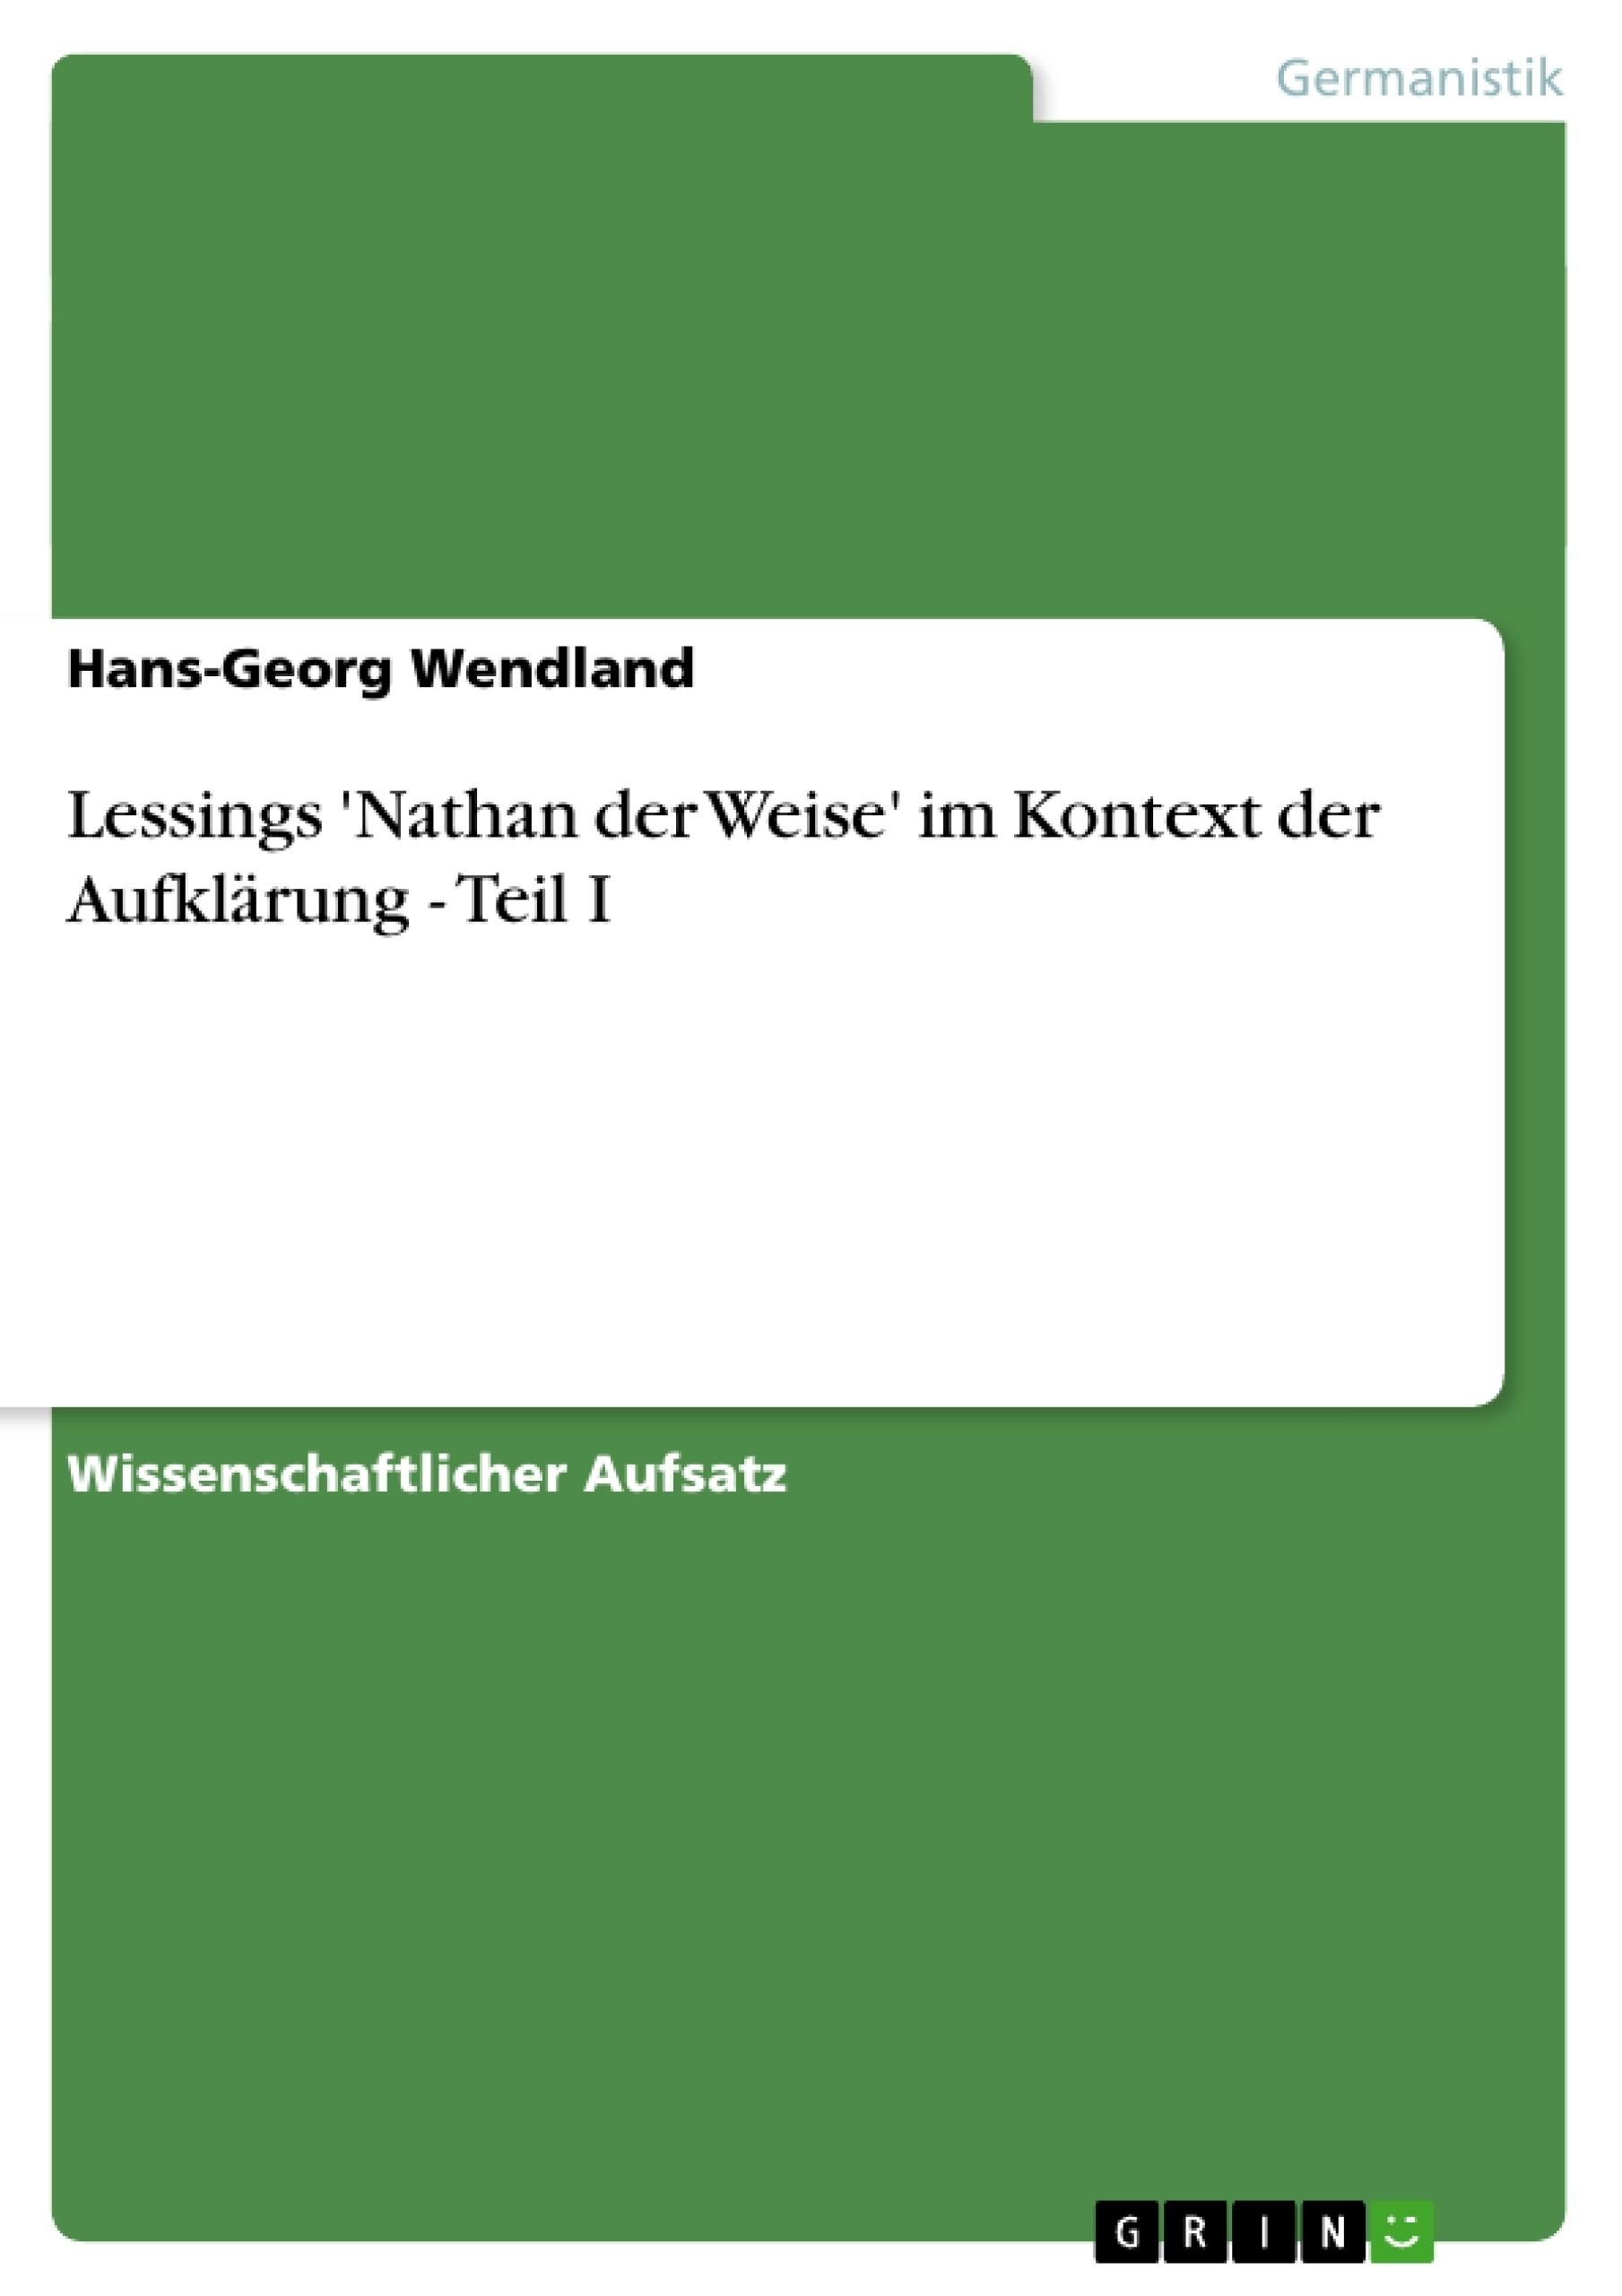 Titel: Lessings 'Nathan der Weise' im Kontext der Aufklärung - Teil I